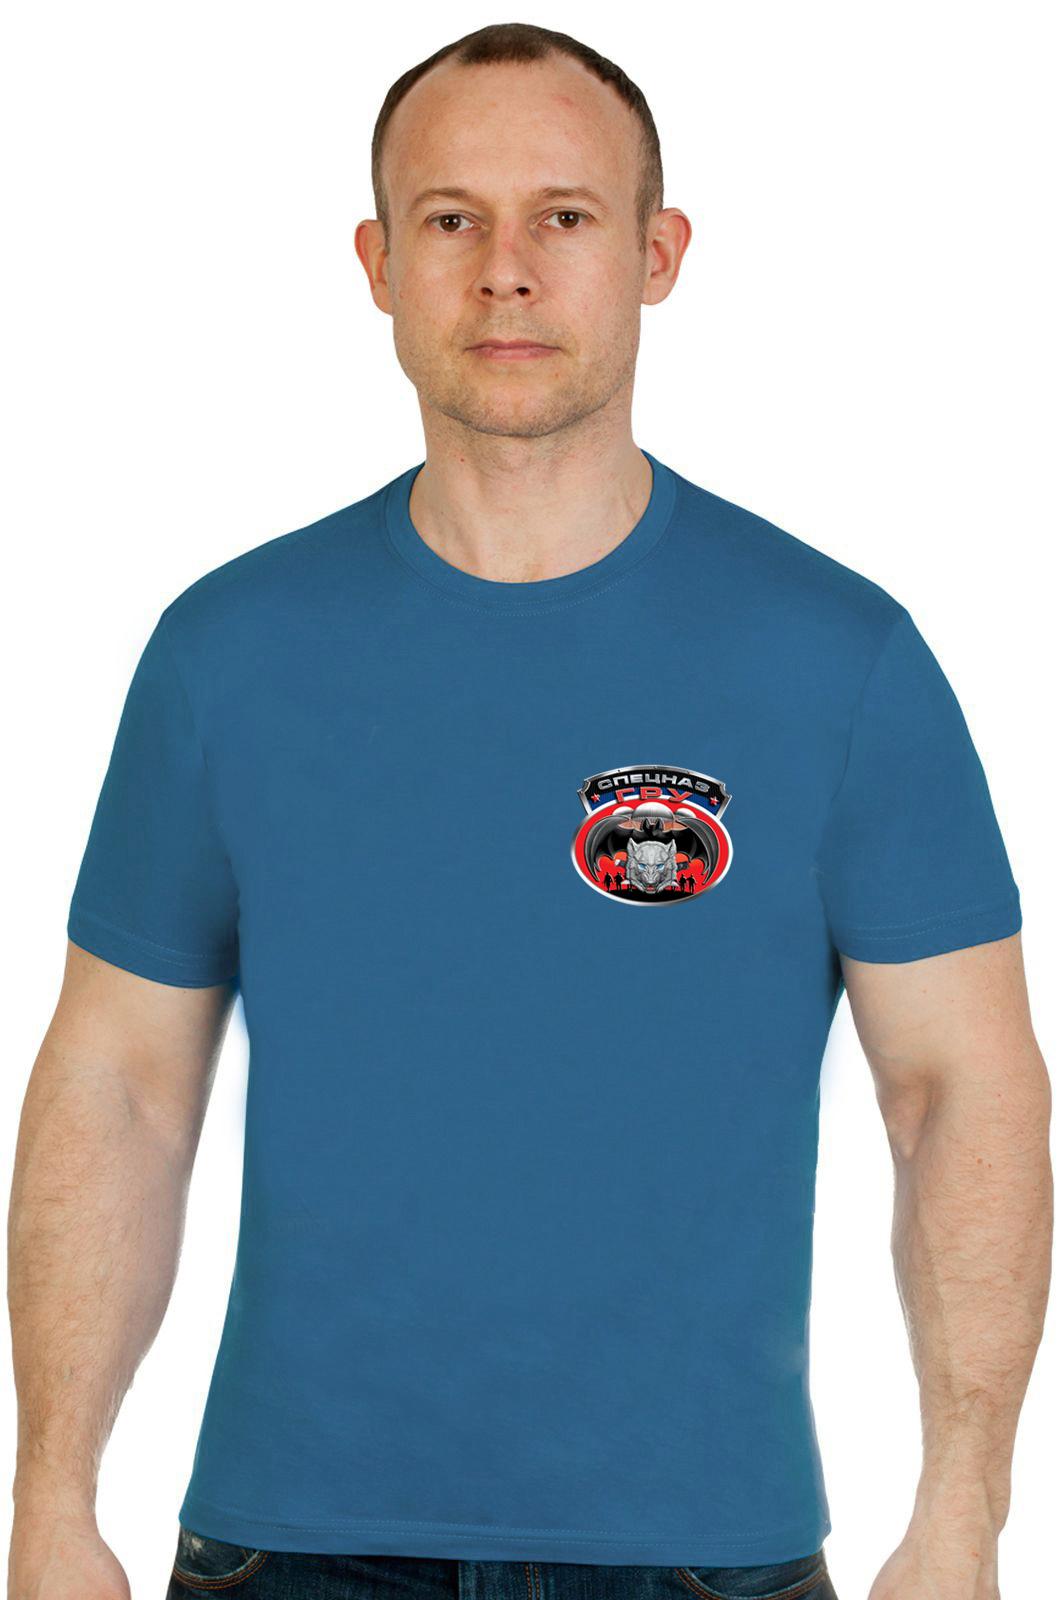 Заказать футболку спецназовца ГРУ с мышью и волком оптом